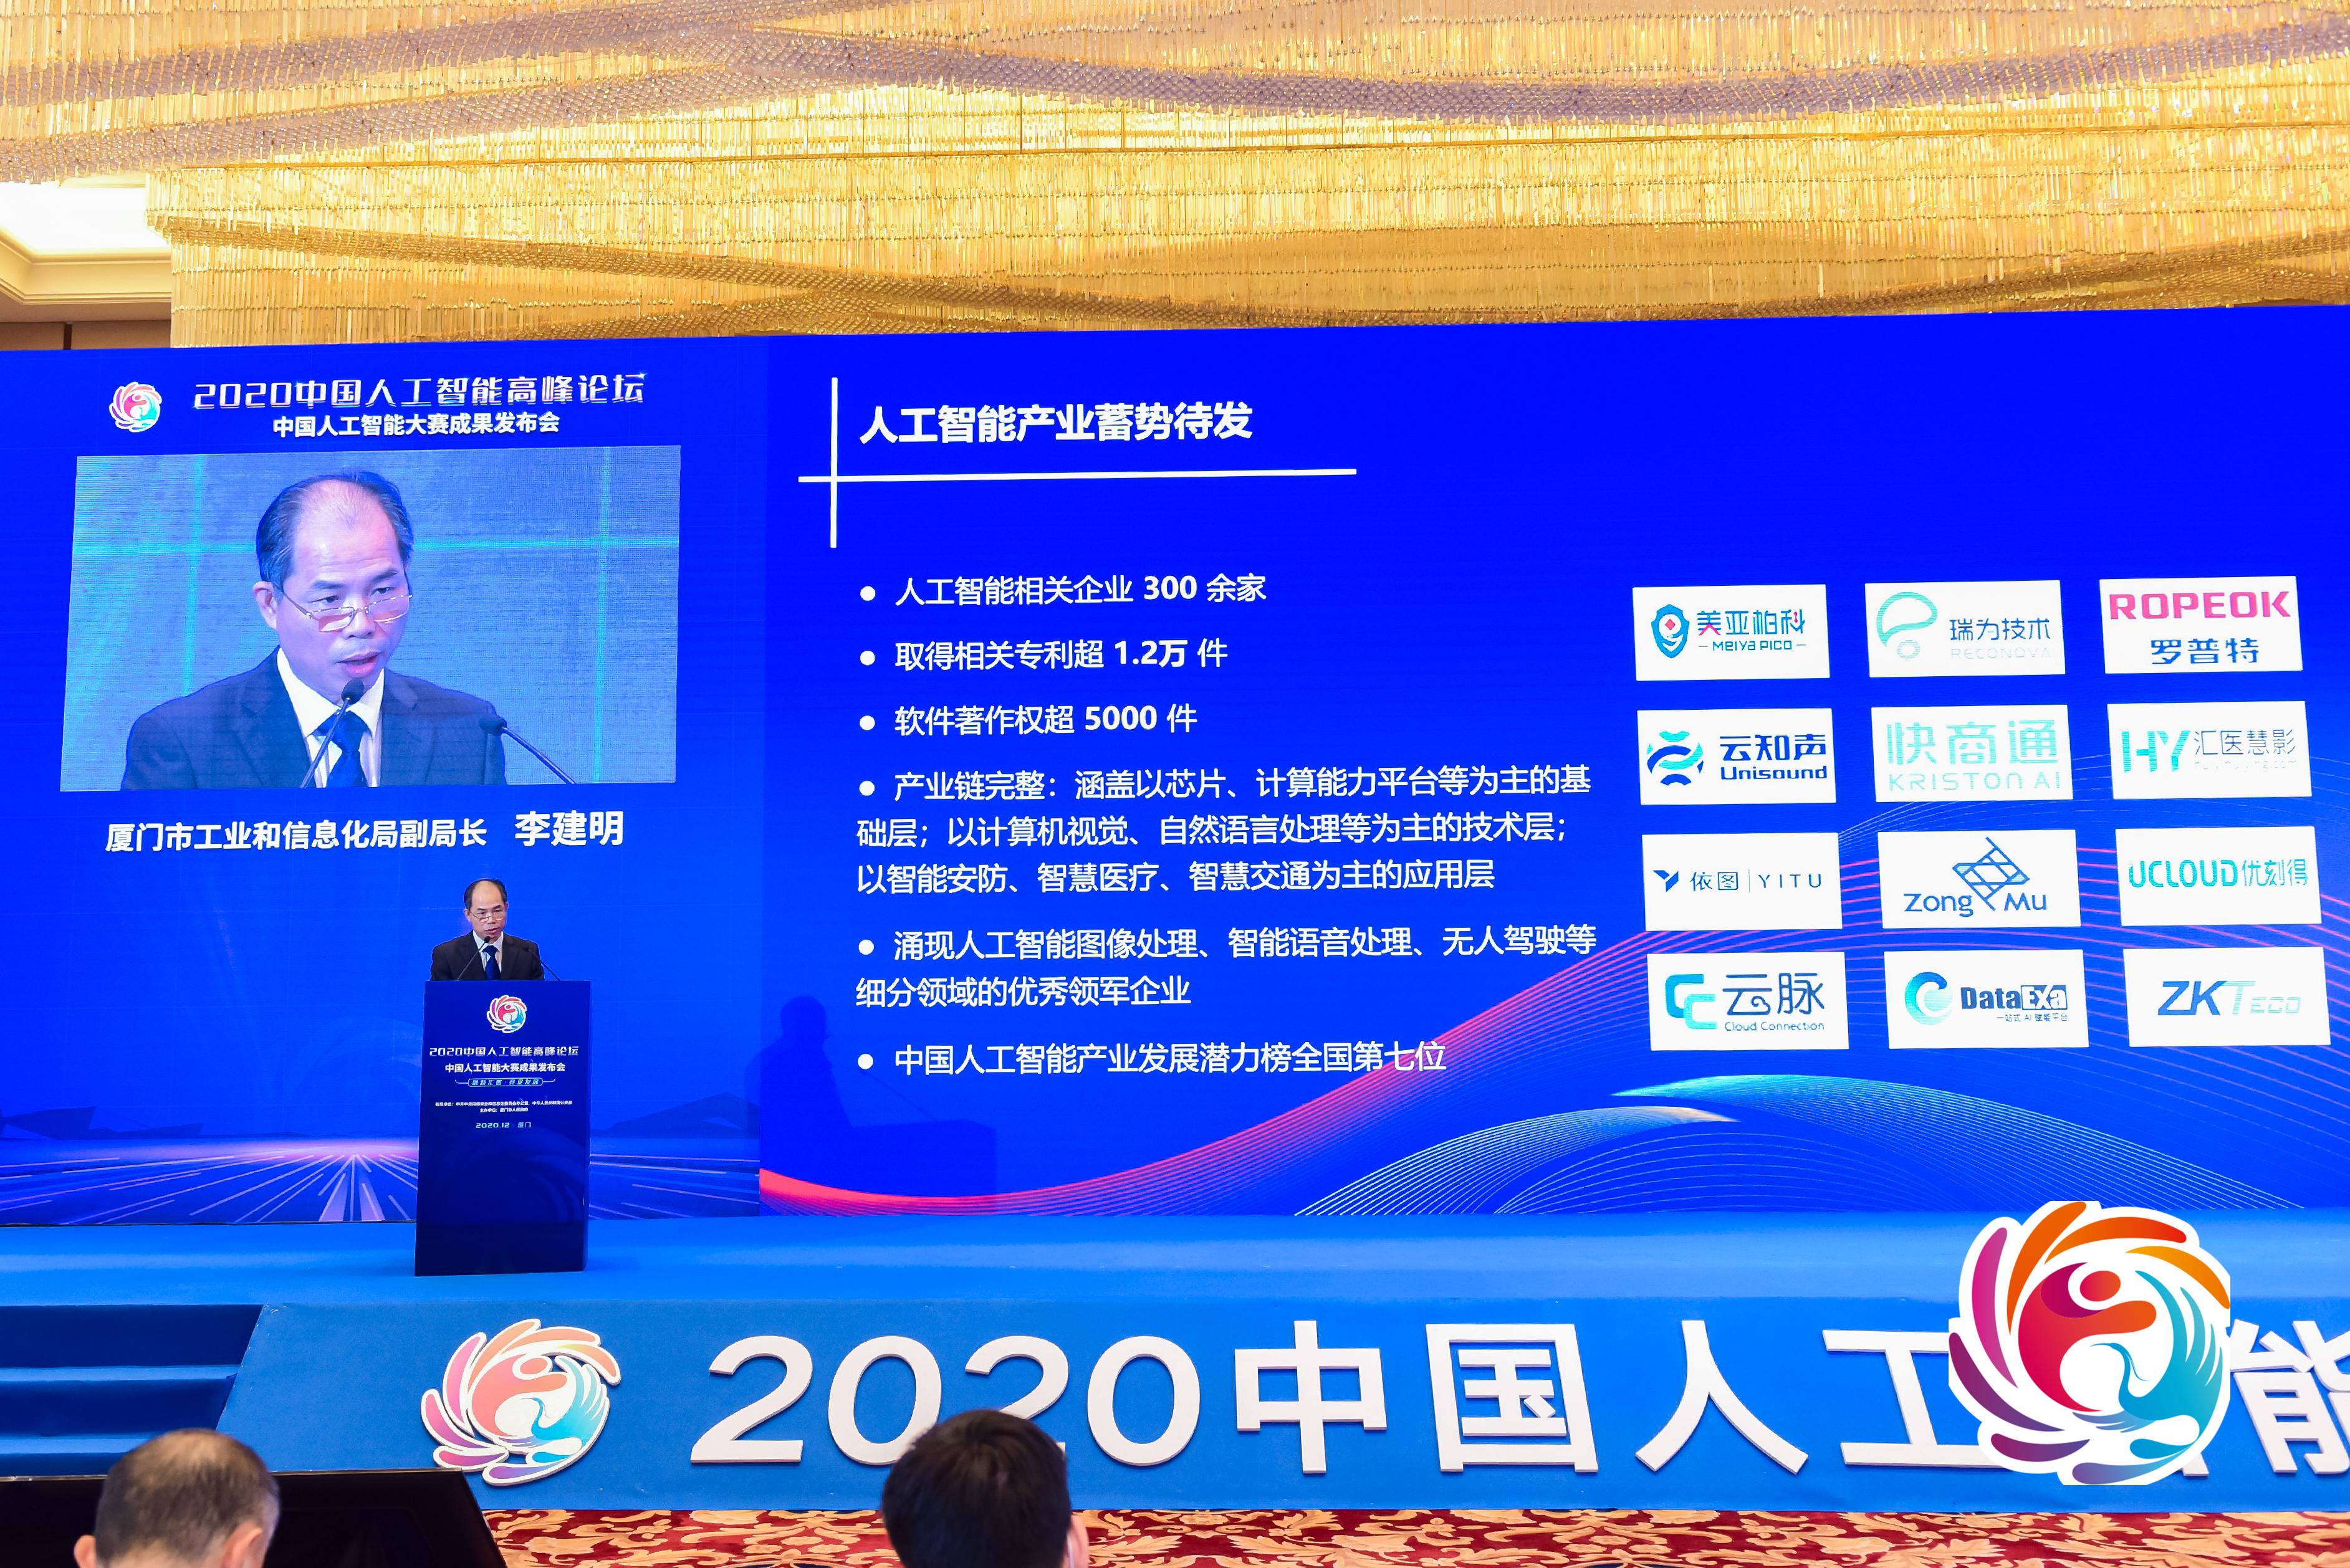 快商通荣膺「中国人工智能技术大赛」最高奖项!稳居国家人工